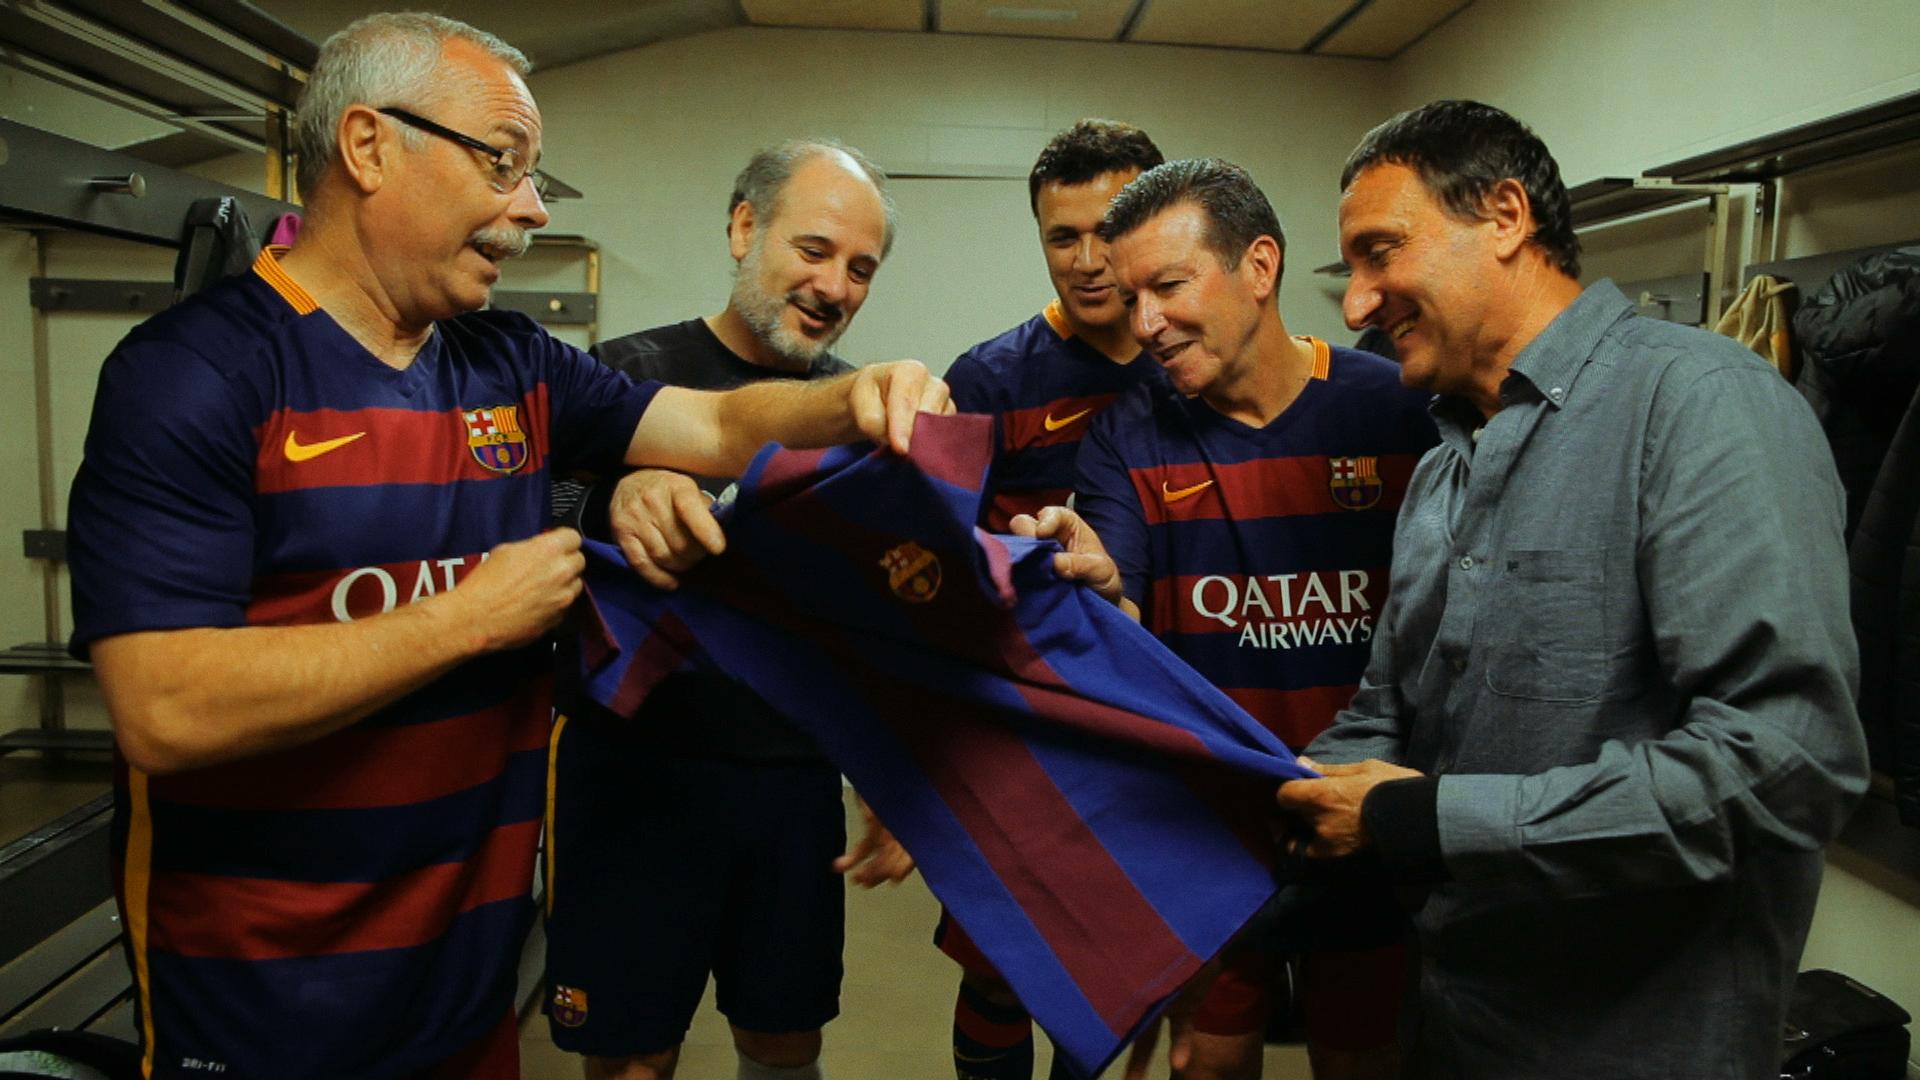 Trobada de l'equip juvenil del Barça campió d'Espanya l'any 1979 amb una samarreta de l'època